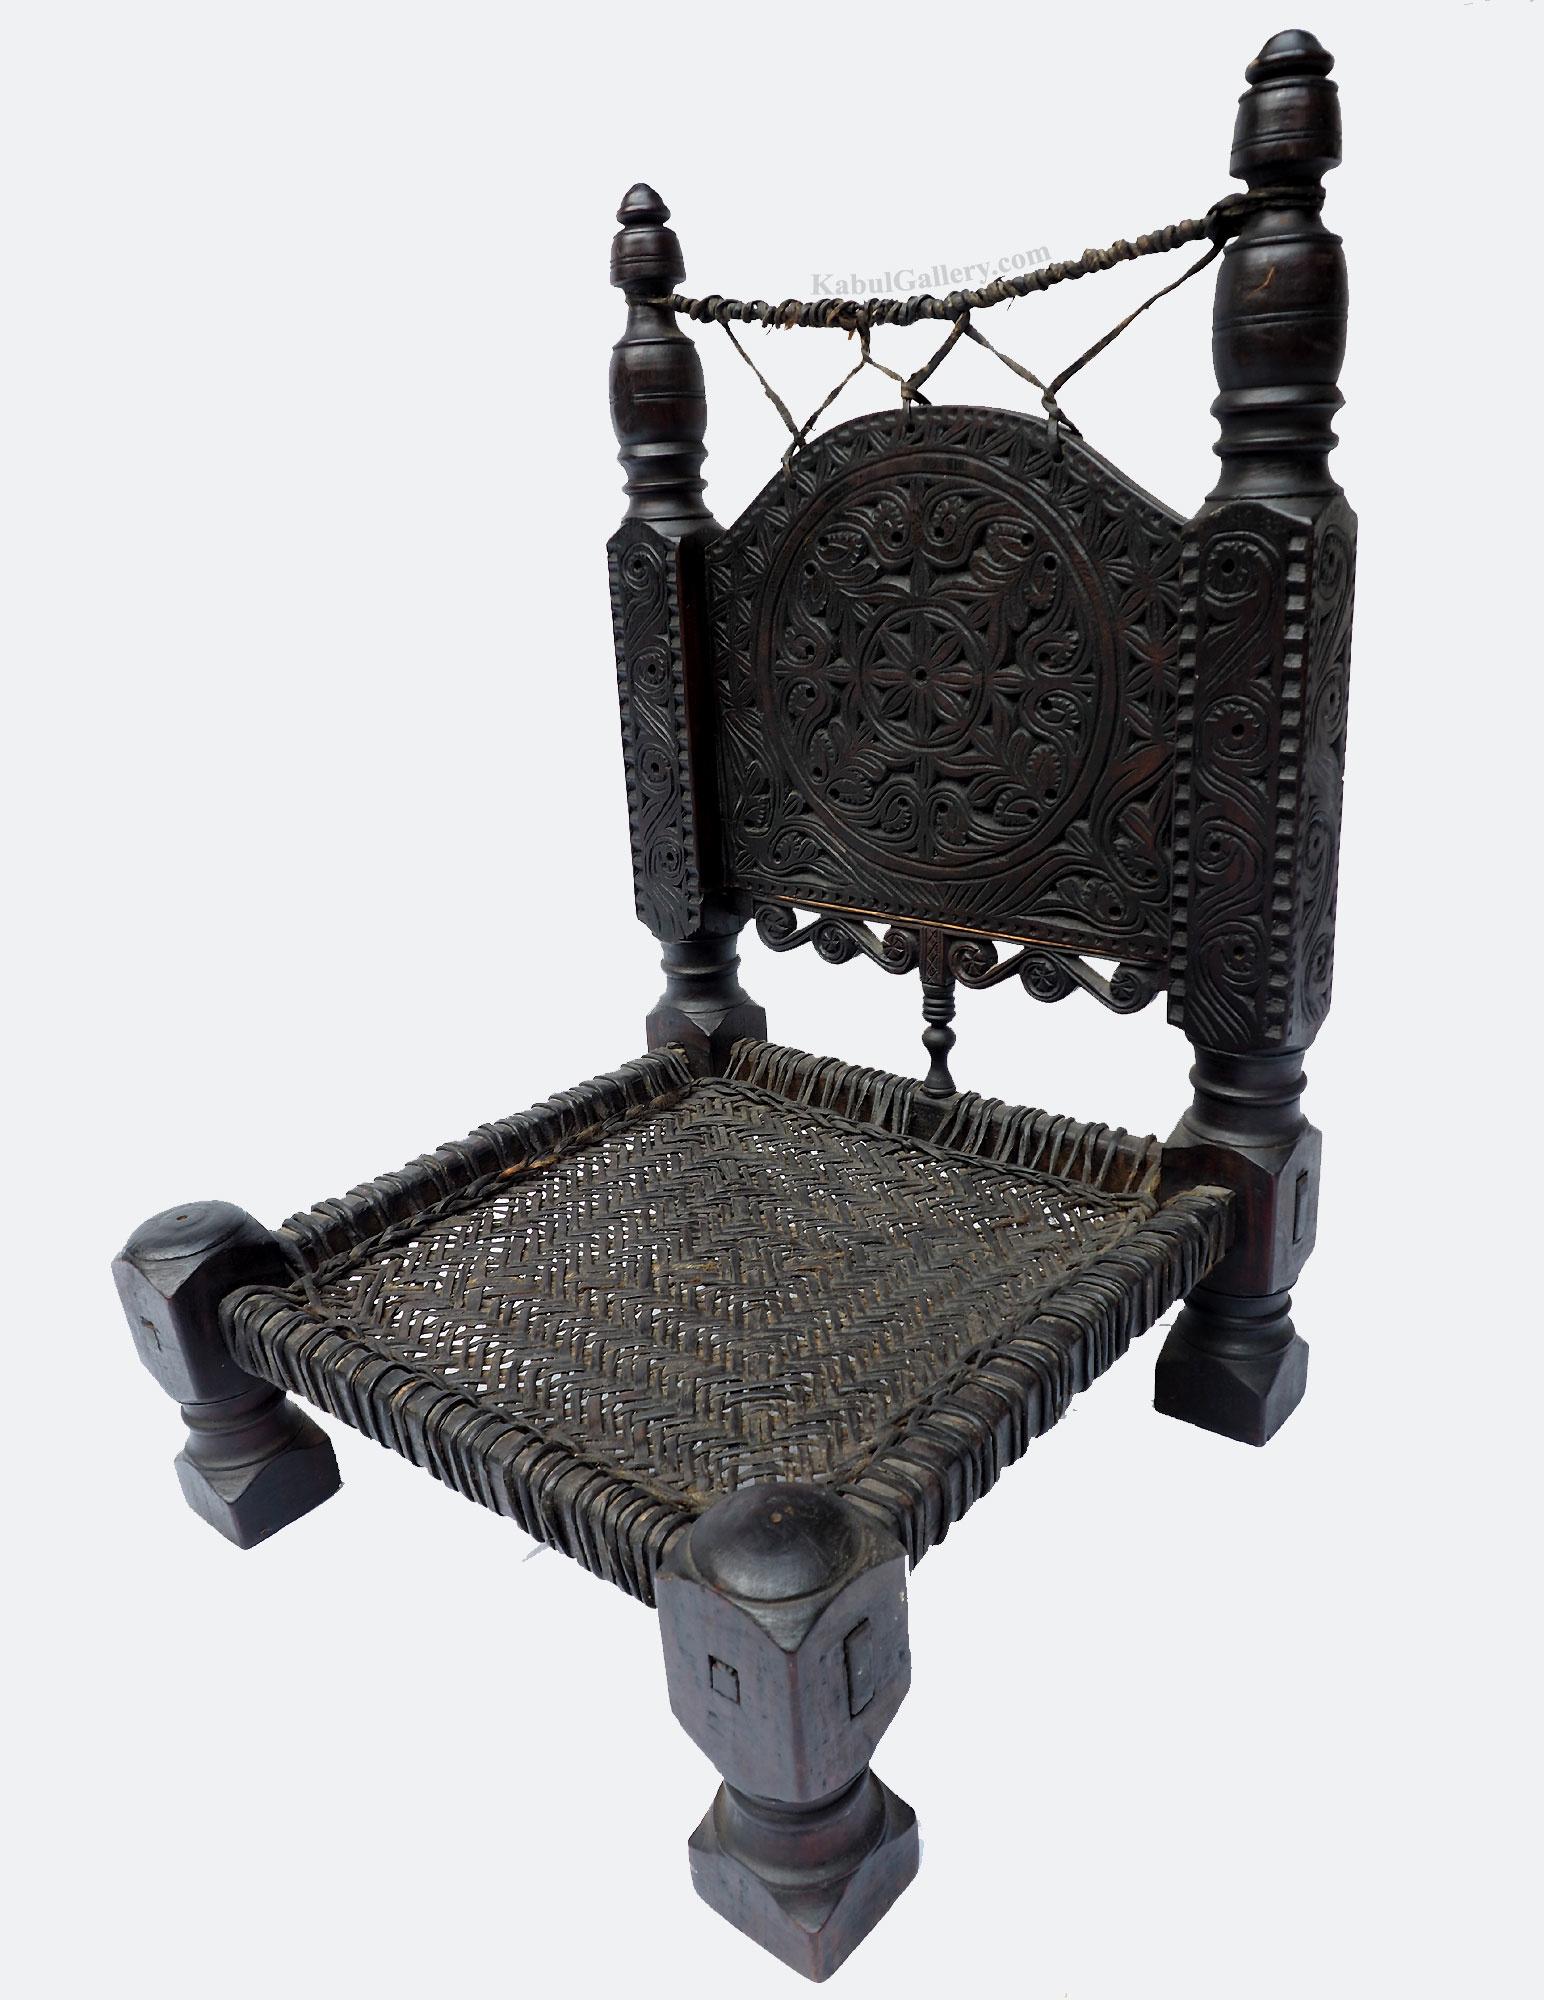 Antique Nuristan Chair Stuhl No:19/B